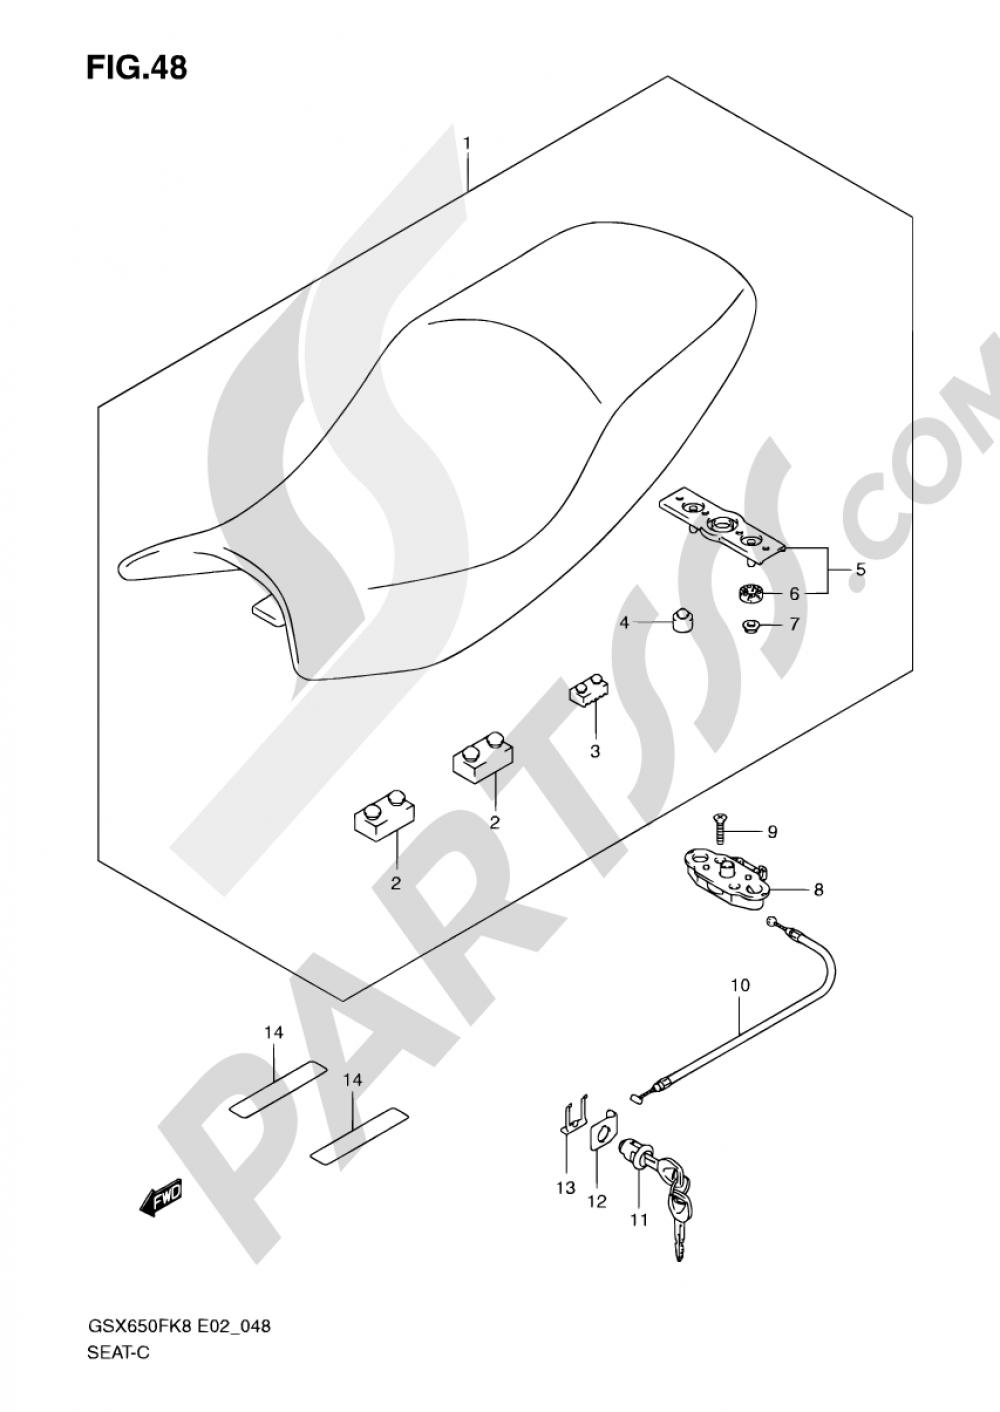 2008 Gsx650f Wiring Diagram Expert Schematics Suzuki Hayabusa 48 Seat California